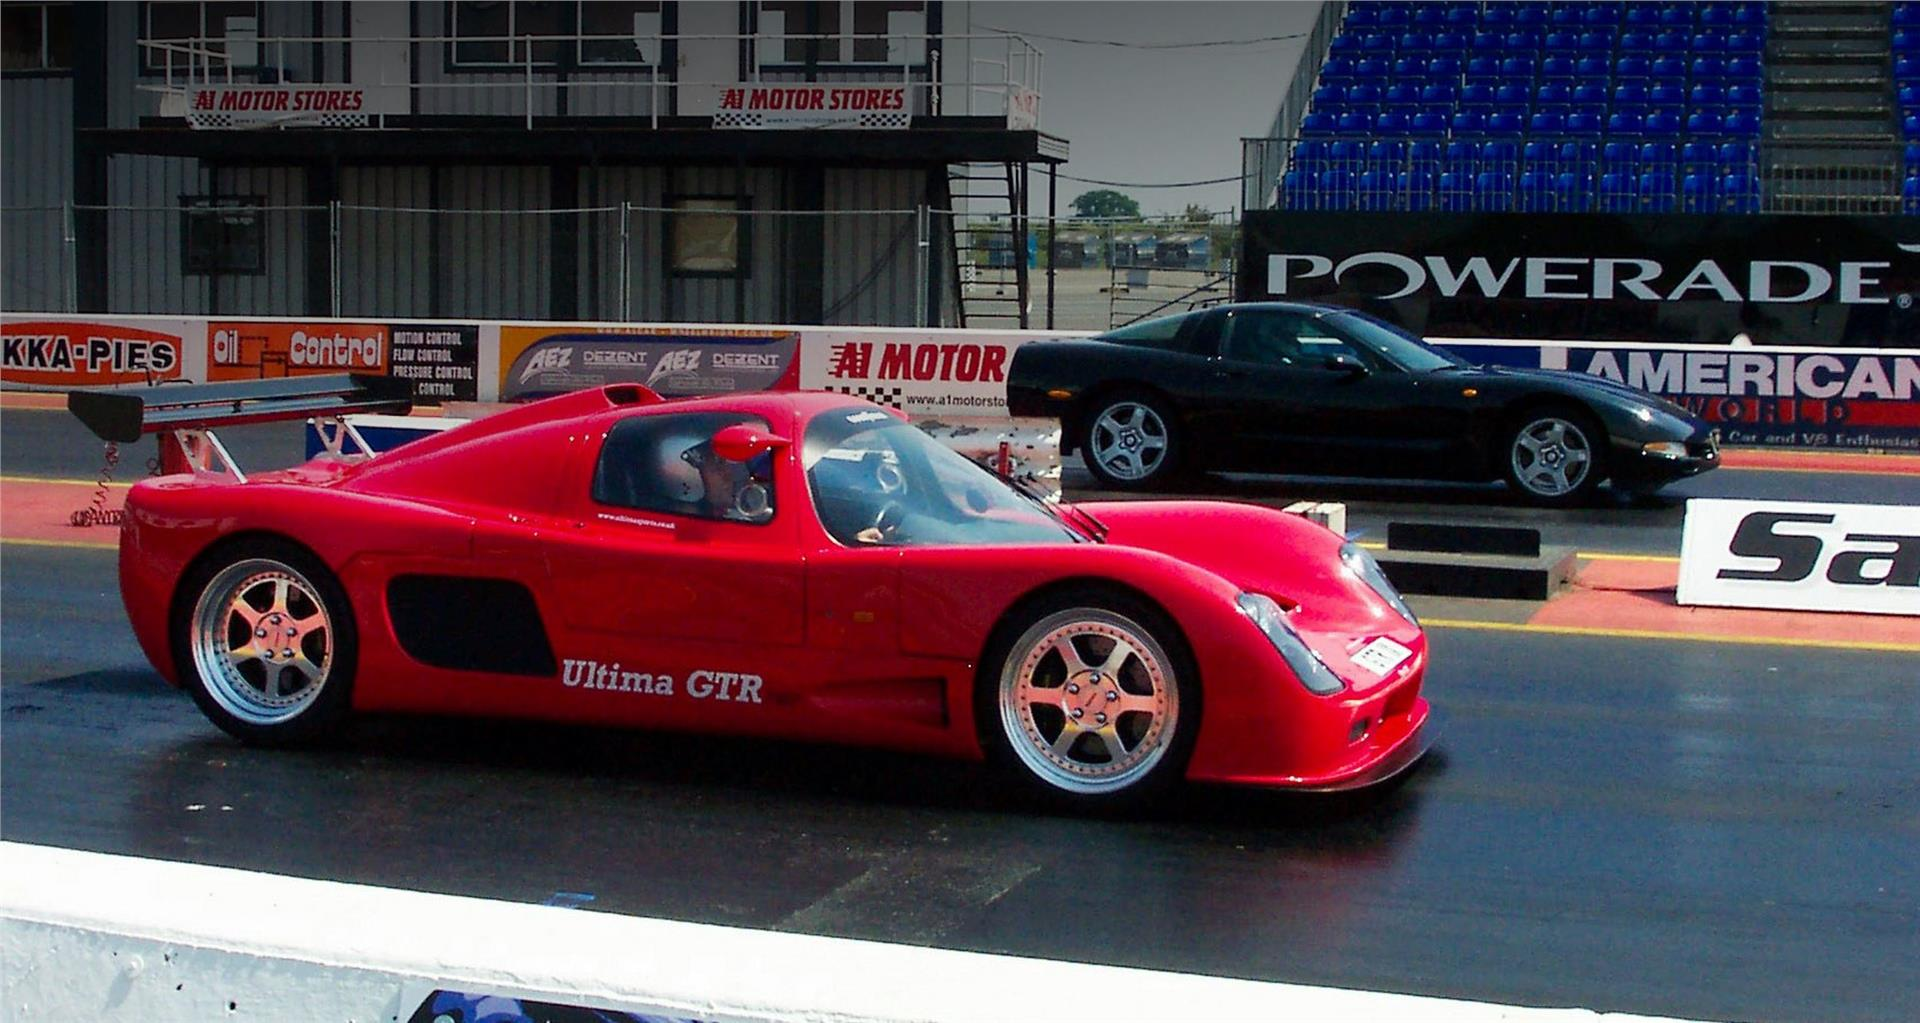 Ultima GTR at Santa Pod